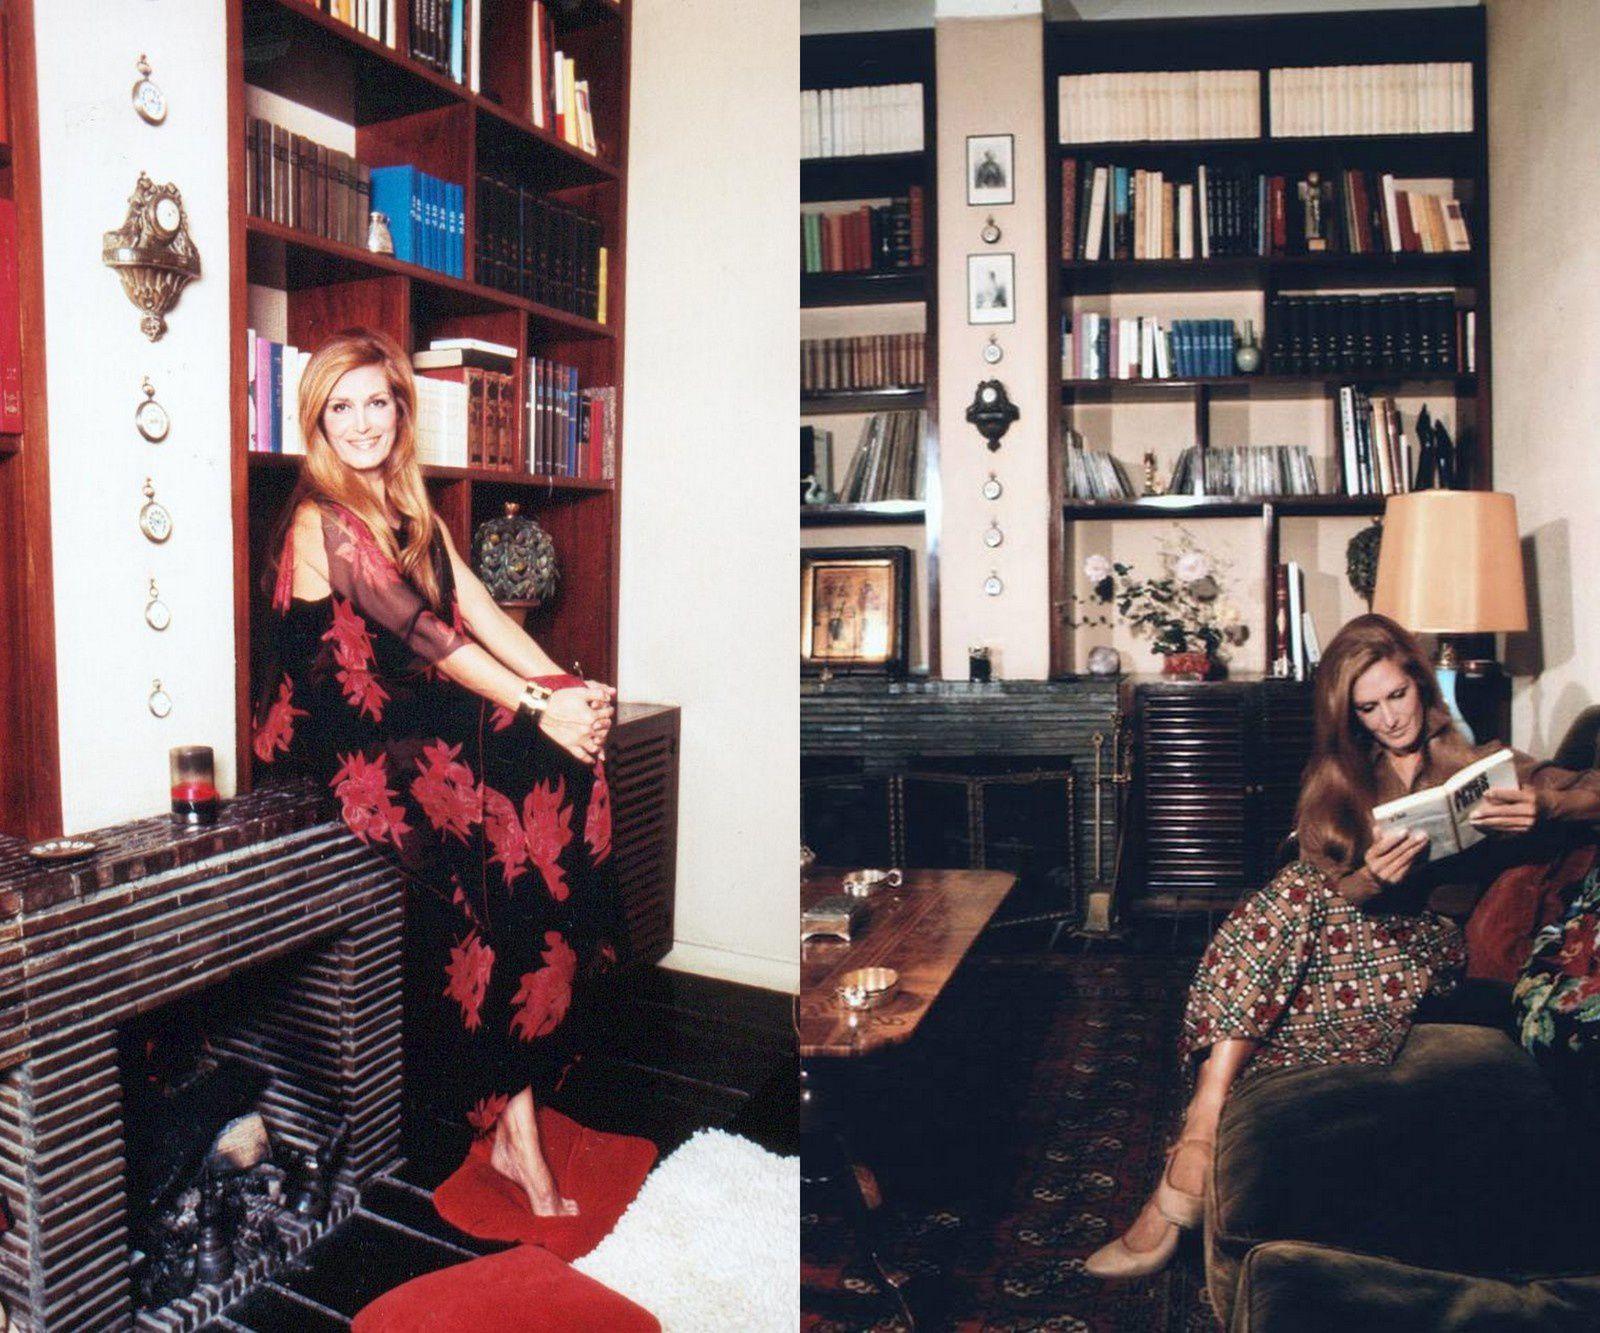 Au début des années 70, nombreux sont les journalistes qui se déplacent jusqu'à la maison de Montmartre. Dalida lisant Freud fait sourire bon nombre d'intellectuels, mais peu importe, Dalida présente fièrement le refuge que constitue sa bibliothèque! A chacune de ses lectures, la chanteuse s'accompagne d'un dictionnaire afin de définir les termes compliqués.